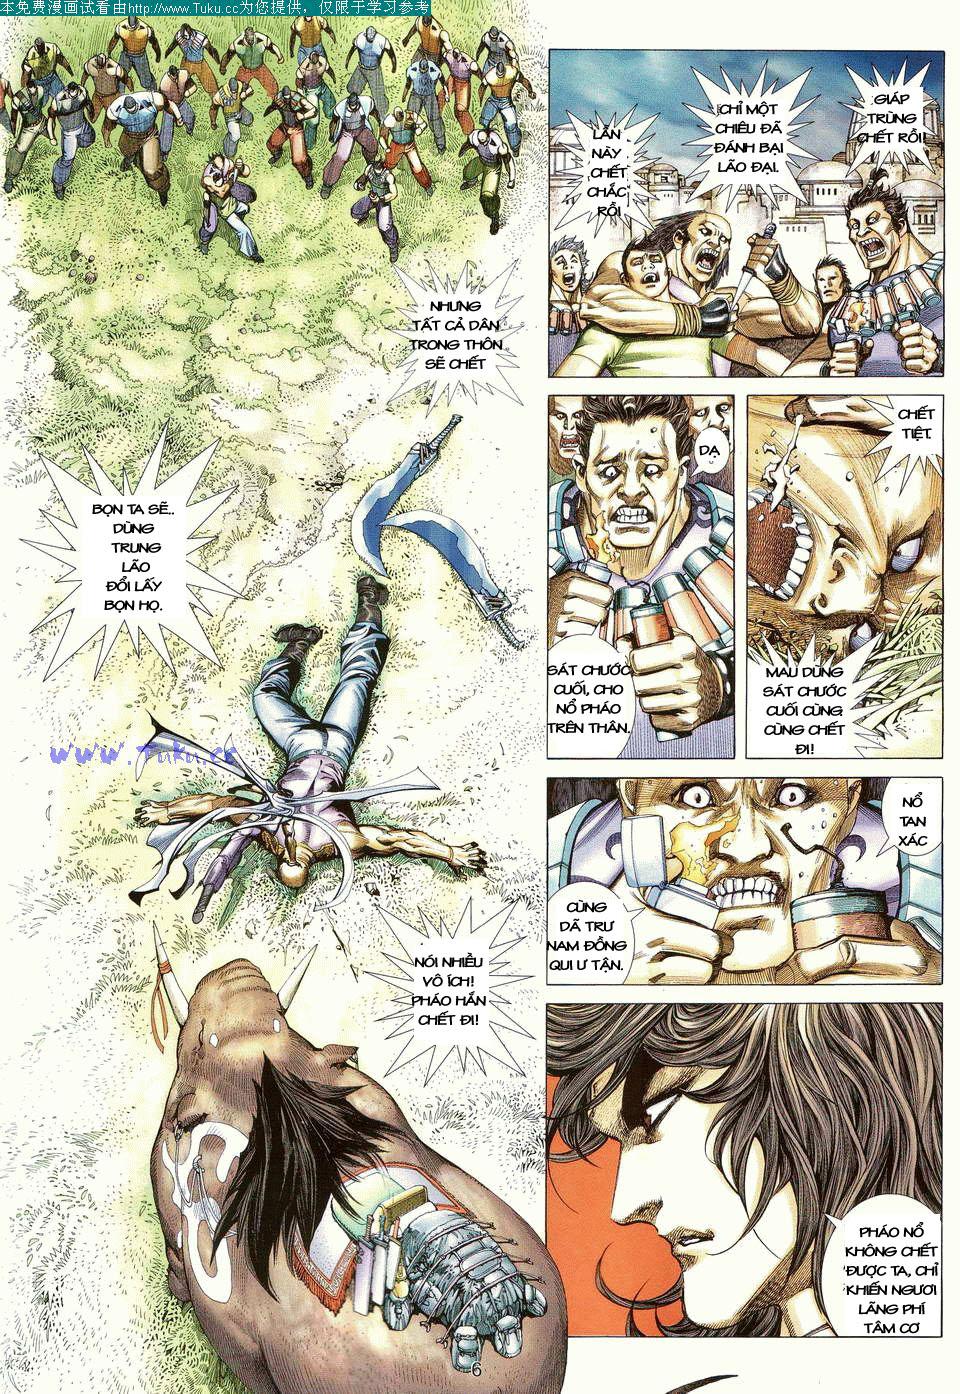 Võ Thần Ngoại Truyện chap 13 - Trang 5